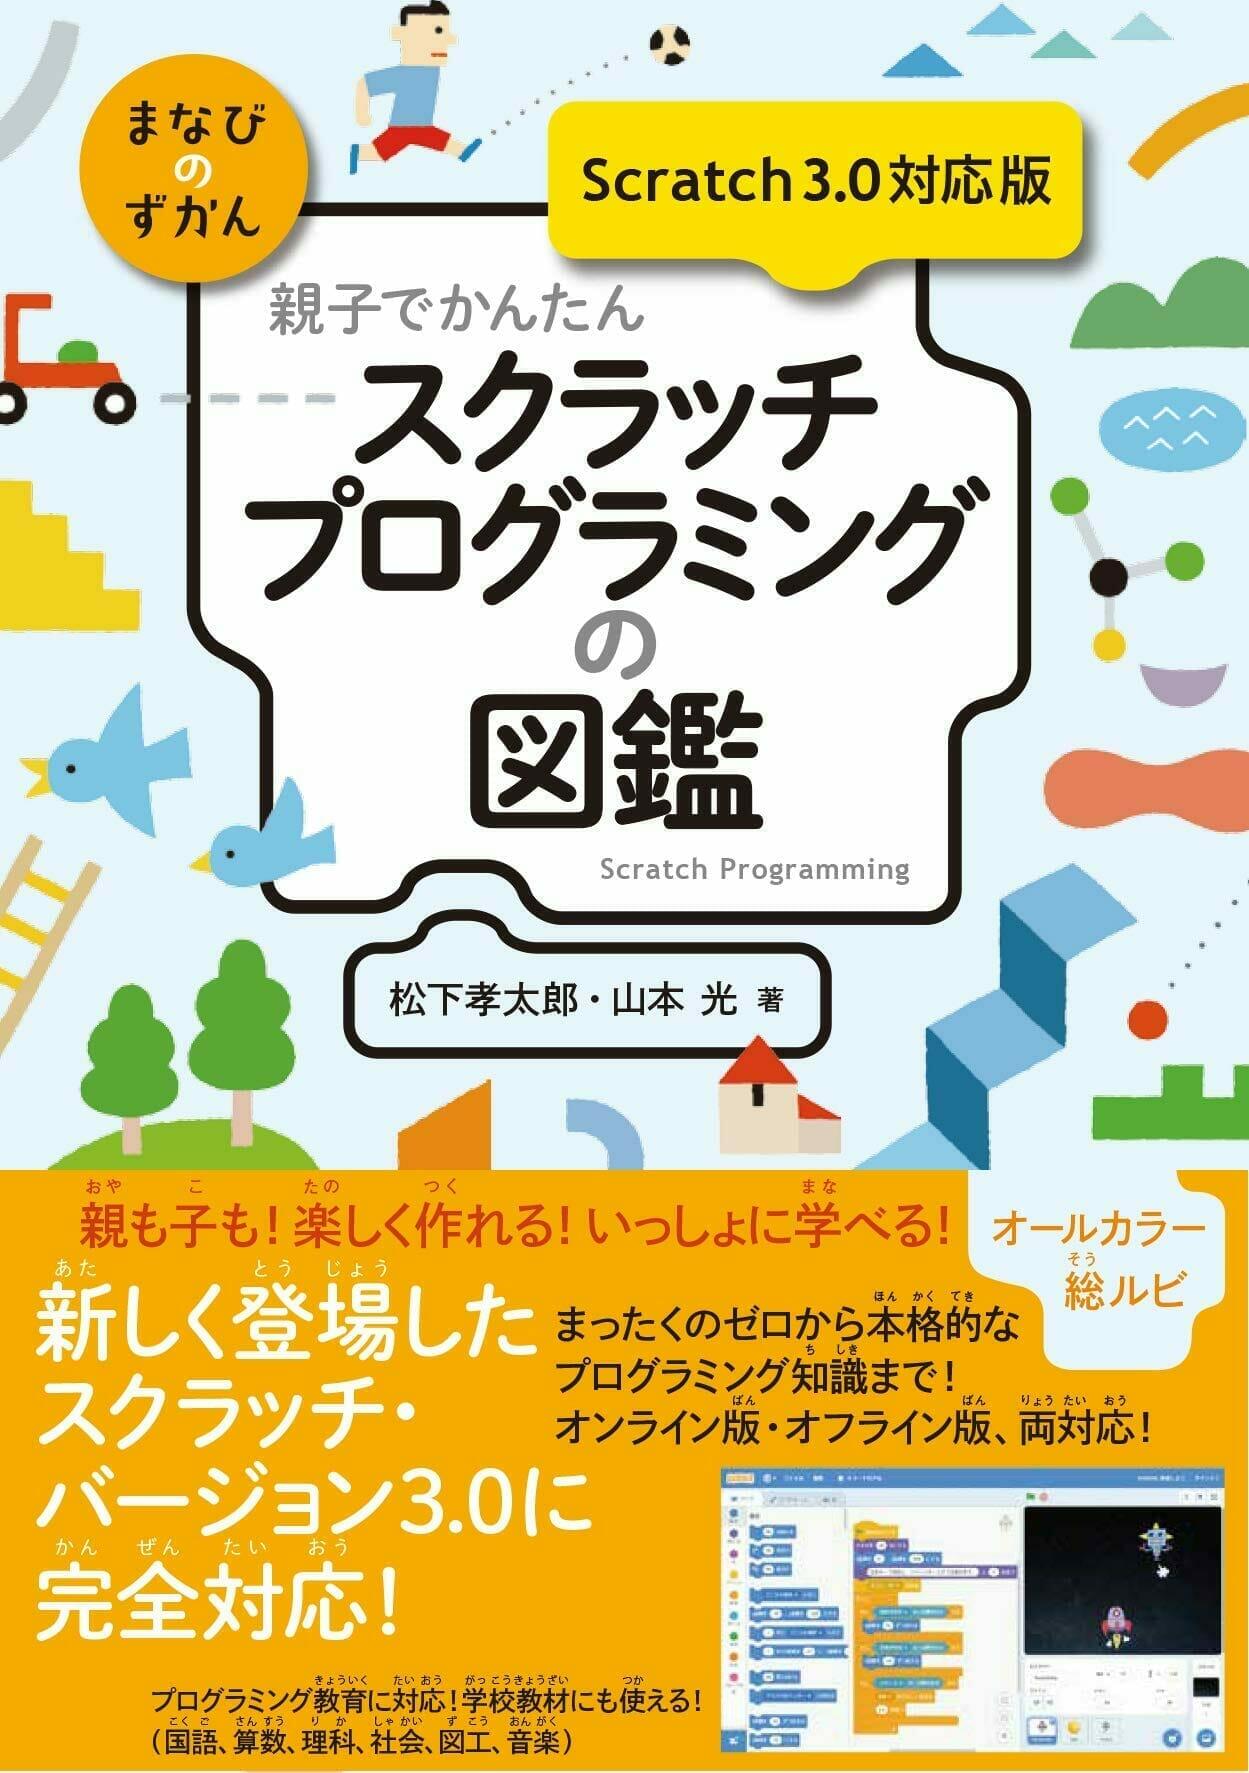 親子でかんたん スクラッチプログラミングの図鑑 【Scratch 3.0対応版】